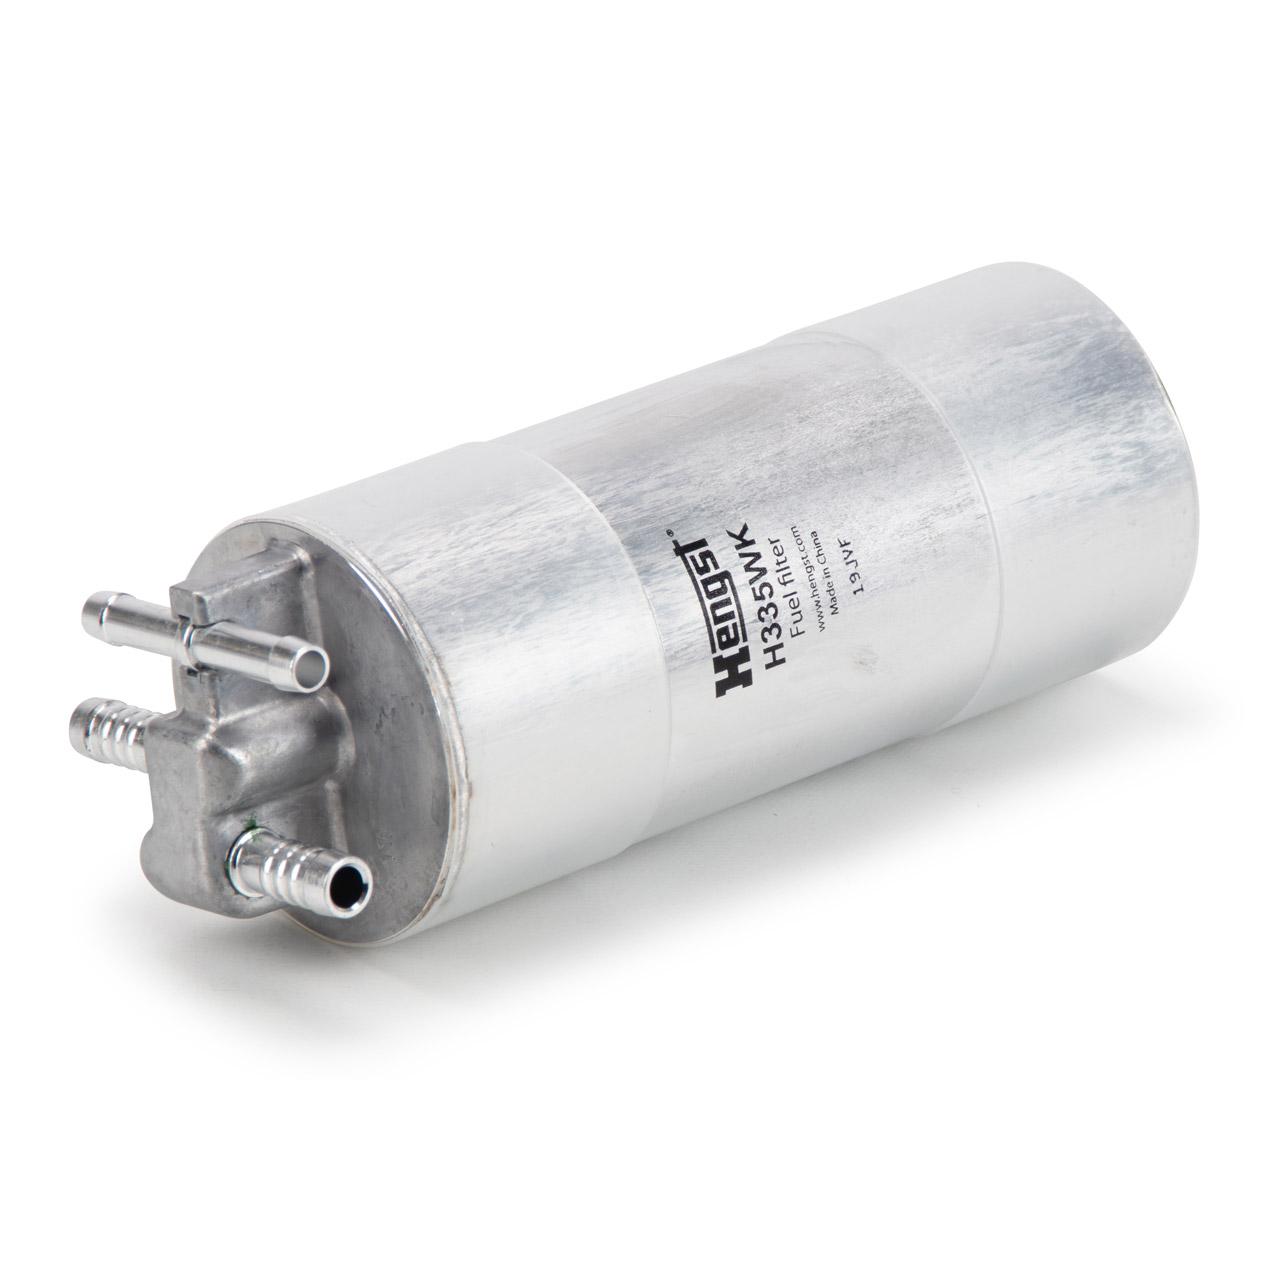 HENGST H335WK Kraftstofffilter Diesel für AUDI A6 (4F C6) 2.7/3.0 TDI 4F0127401H